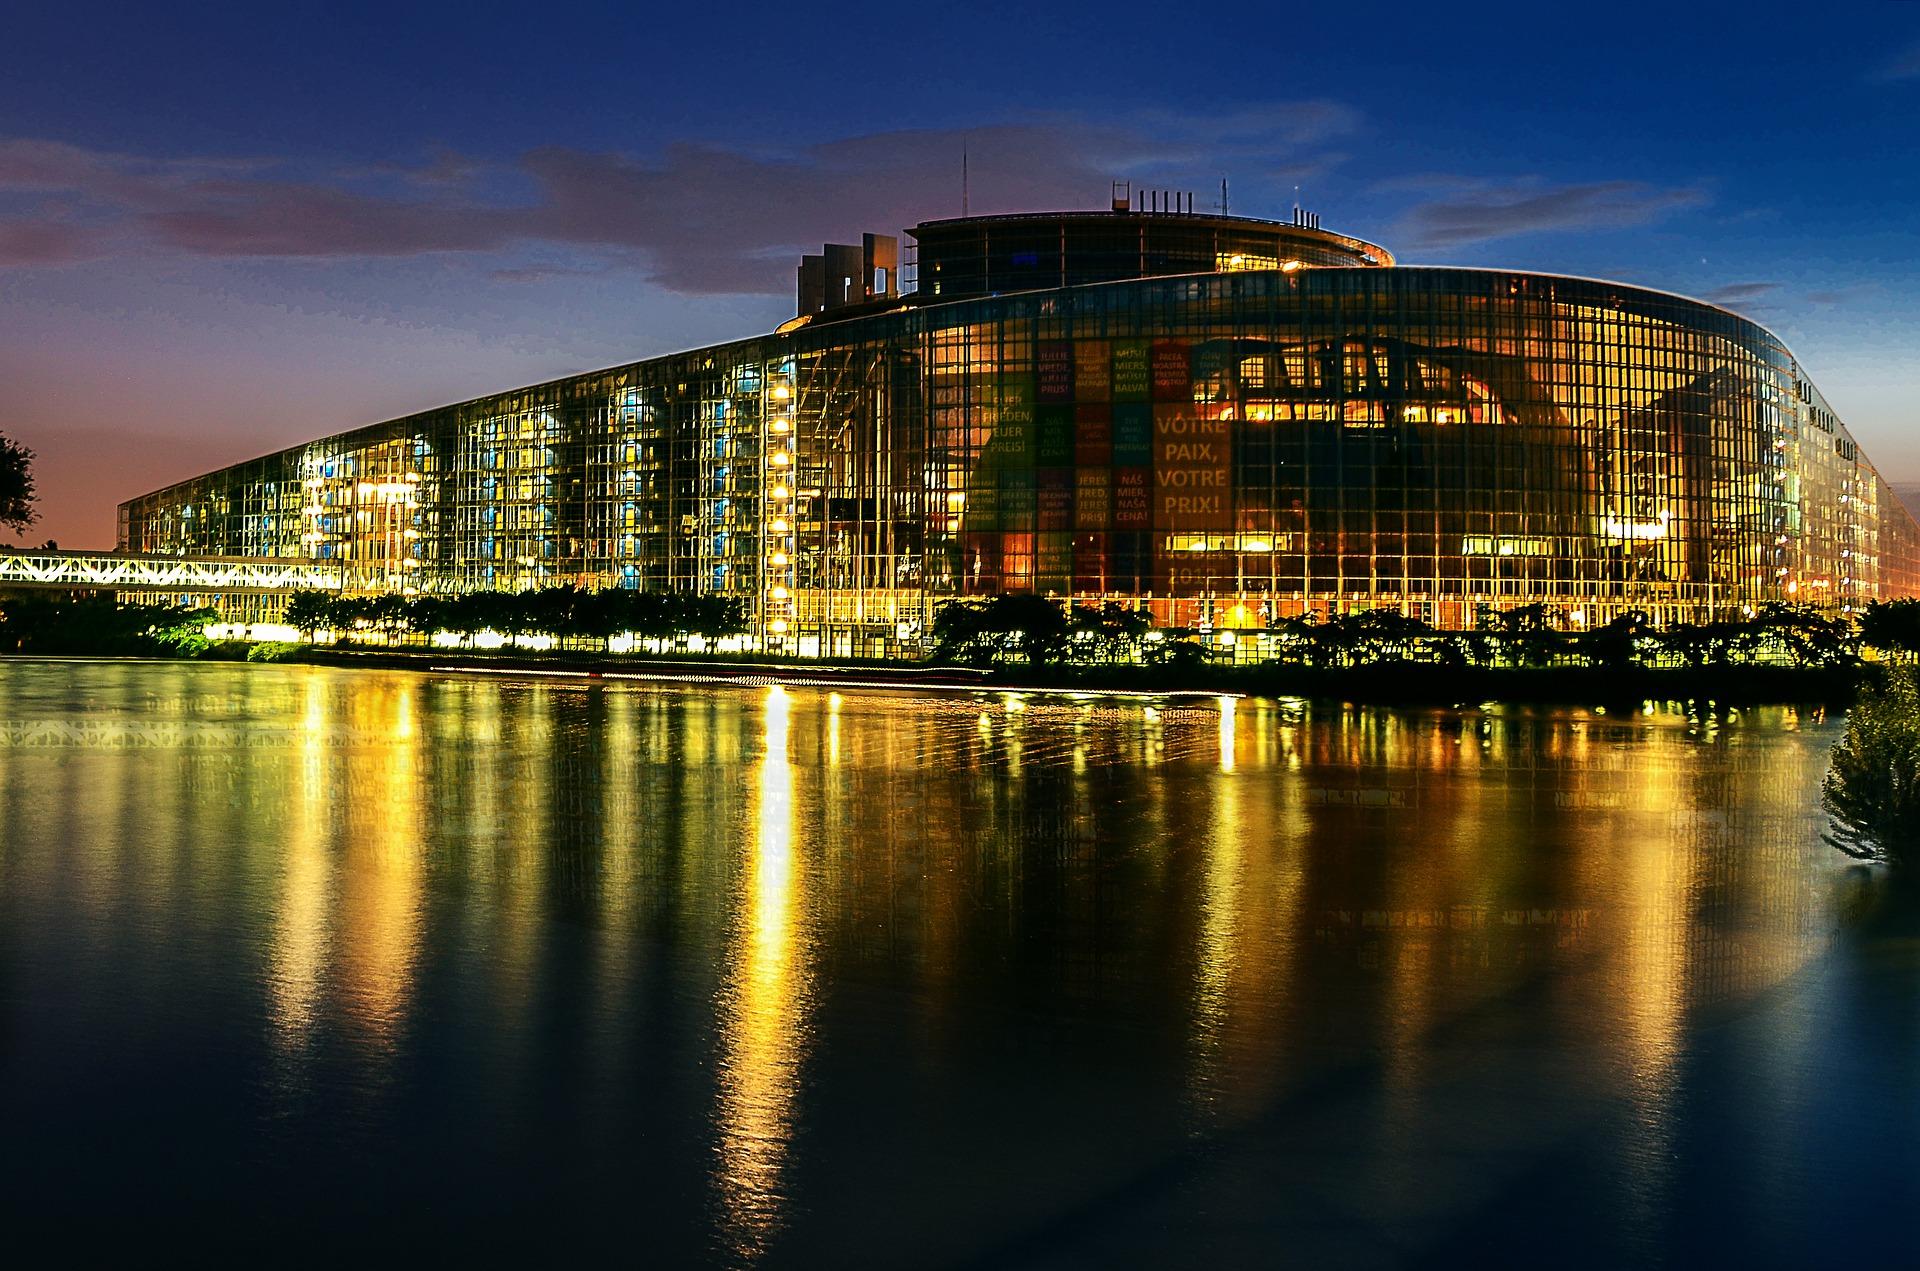 european-parliament-2224221_1920